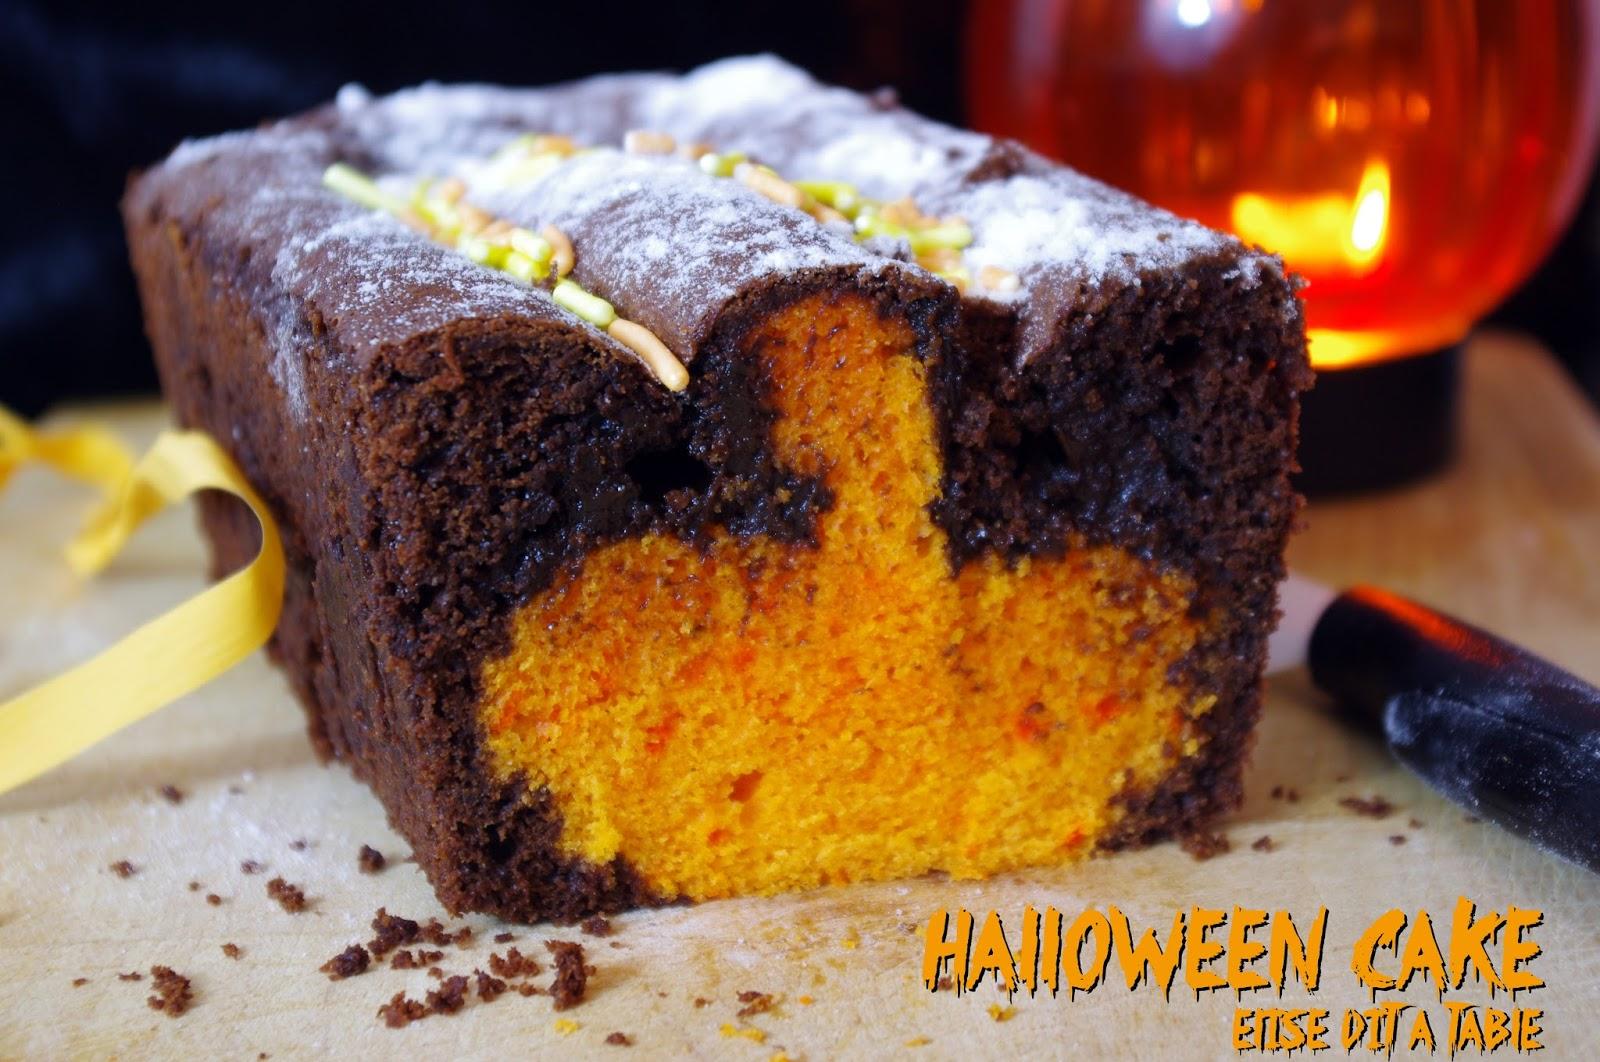 Cake Design Recette Halloween : Recettes de halloween par Elise dit a table : Halloween ...